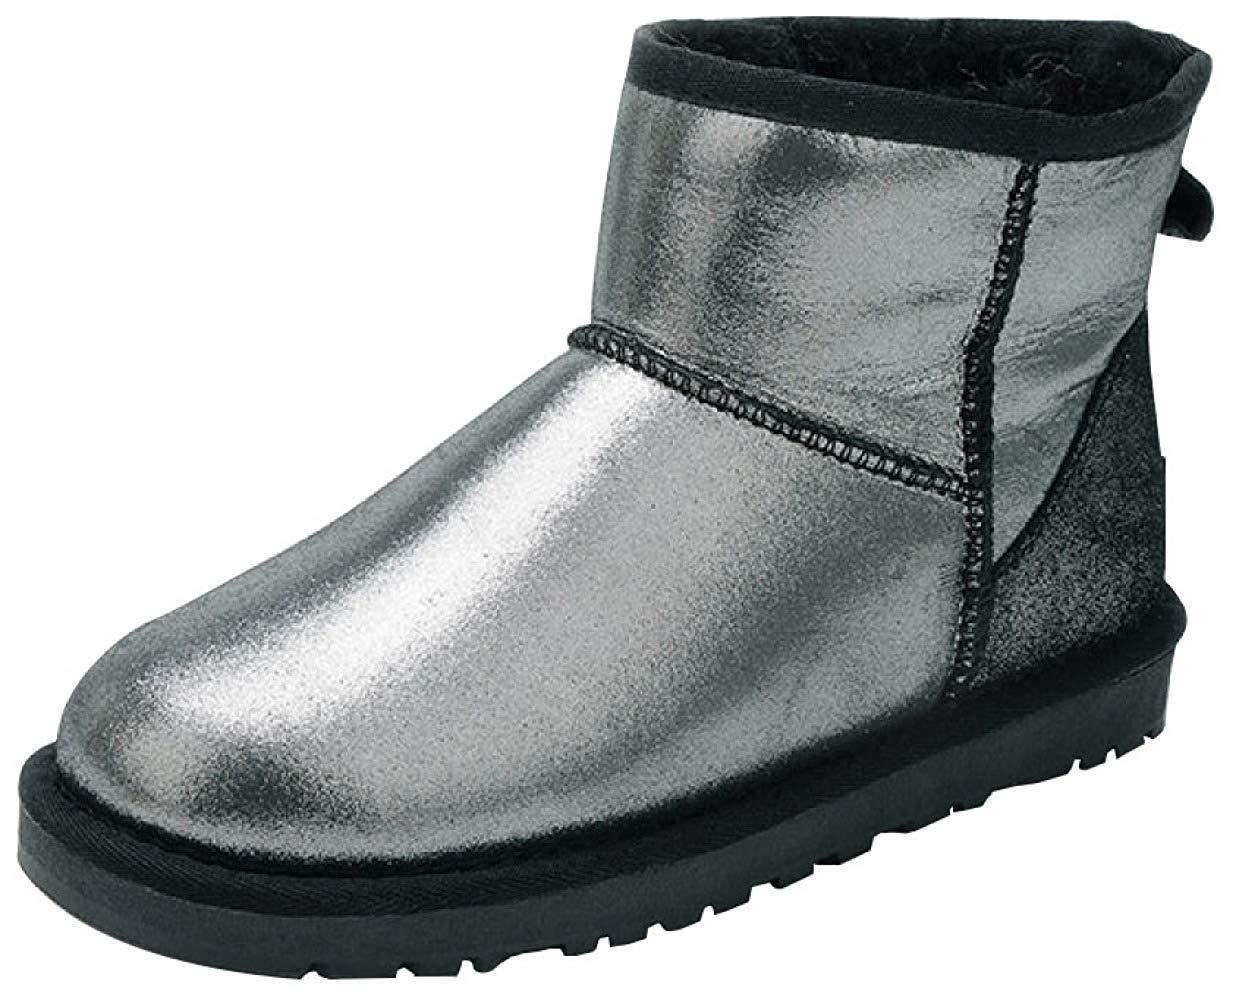 Qiusa Bottes de Neige en Cuir épaisses épaisses et Chaudes pour Femmes en Cuir (Couleuré   2, Taille   39EU)  le style classique